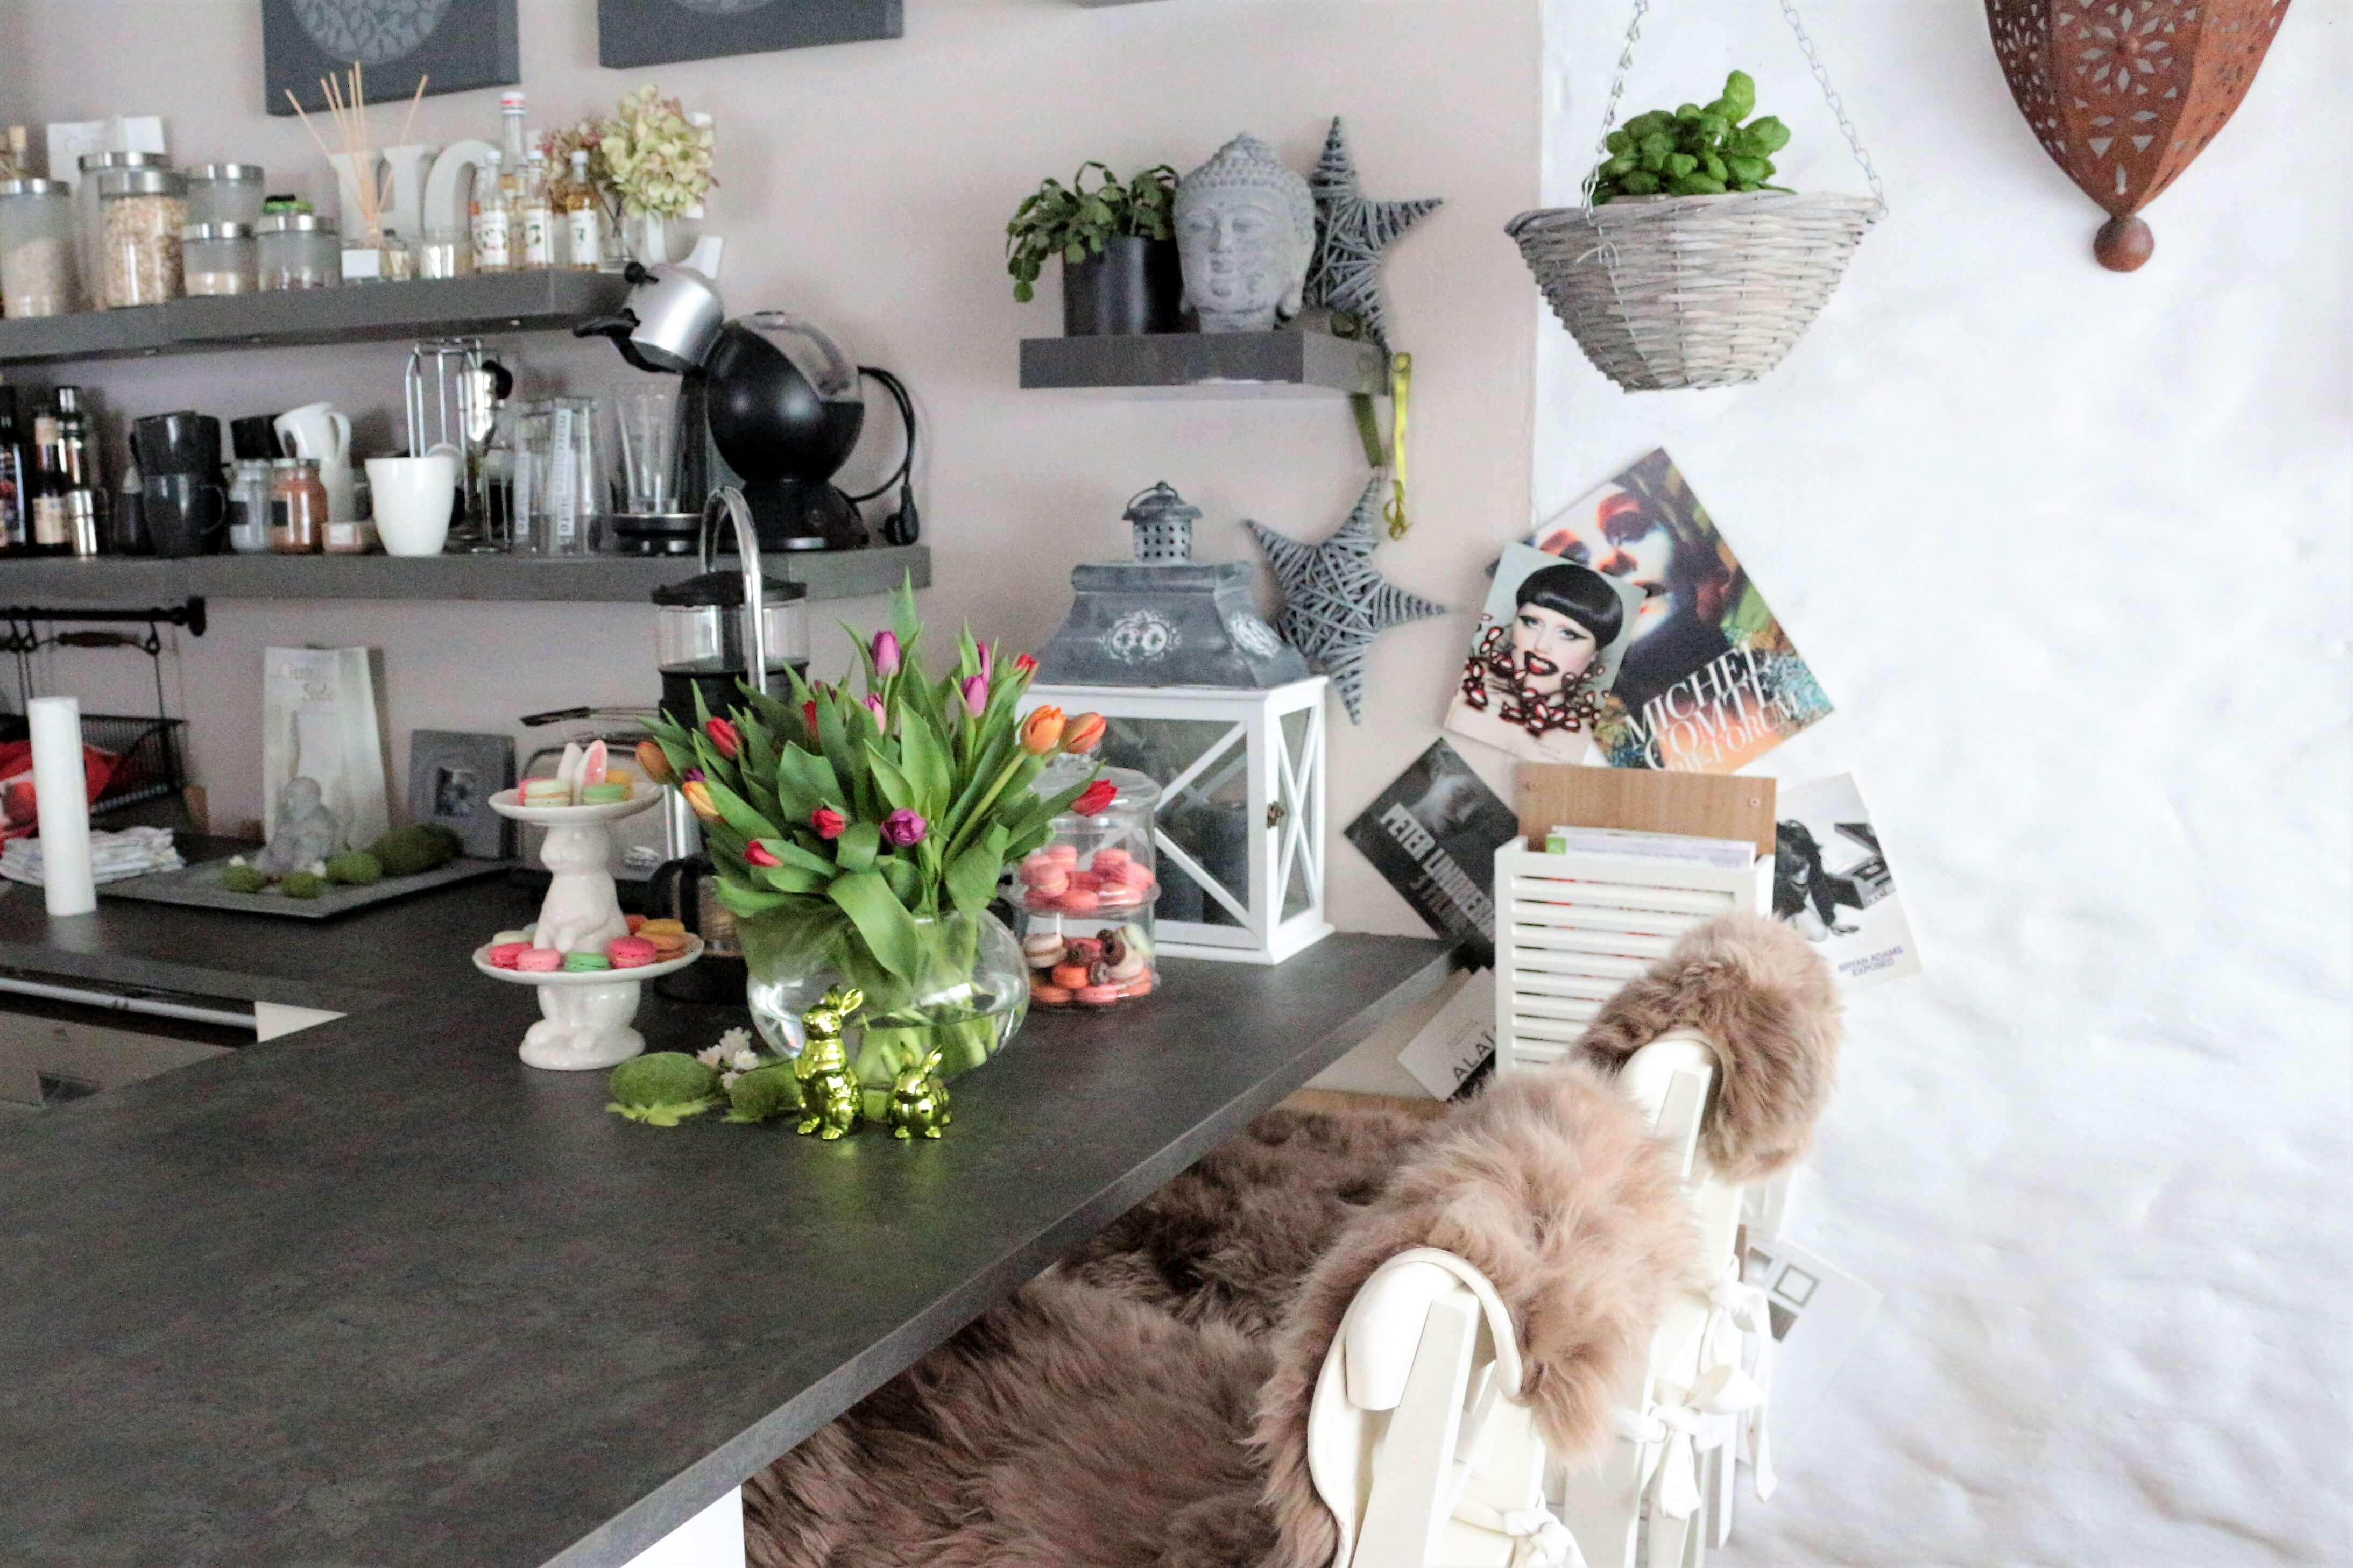 Ziemlich Küchenecke Garnitur Bilder - Küche Set Ideen ...